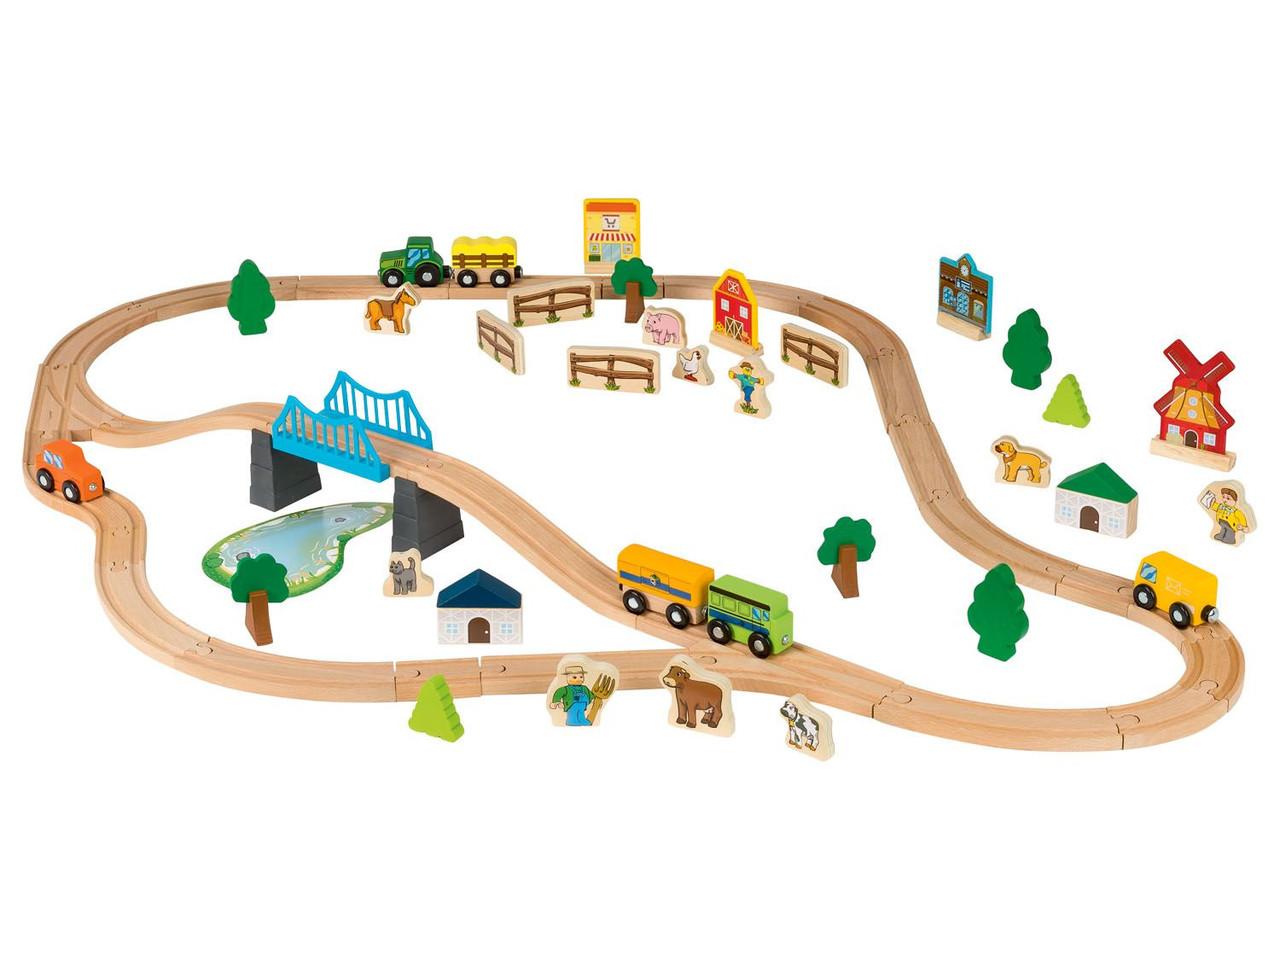 Дерев'яна залізниця Playtive Farm 69 ел. Німеччина